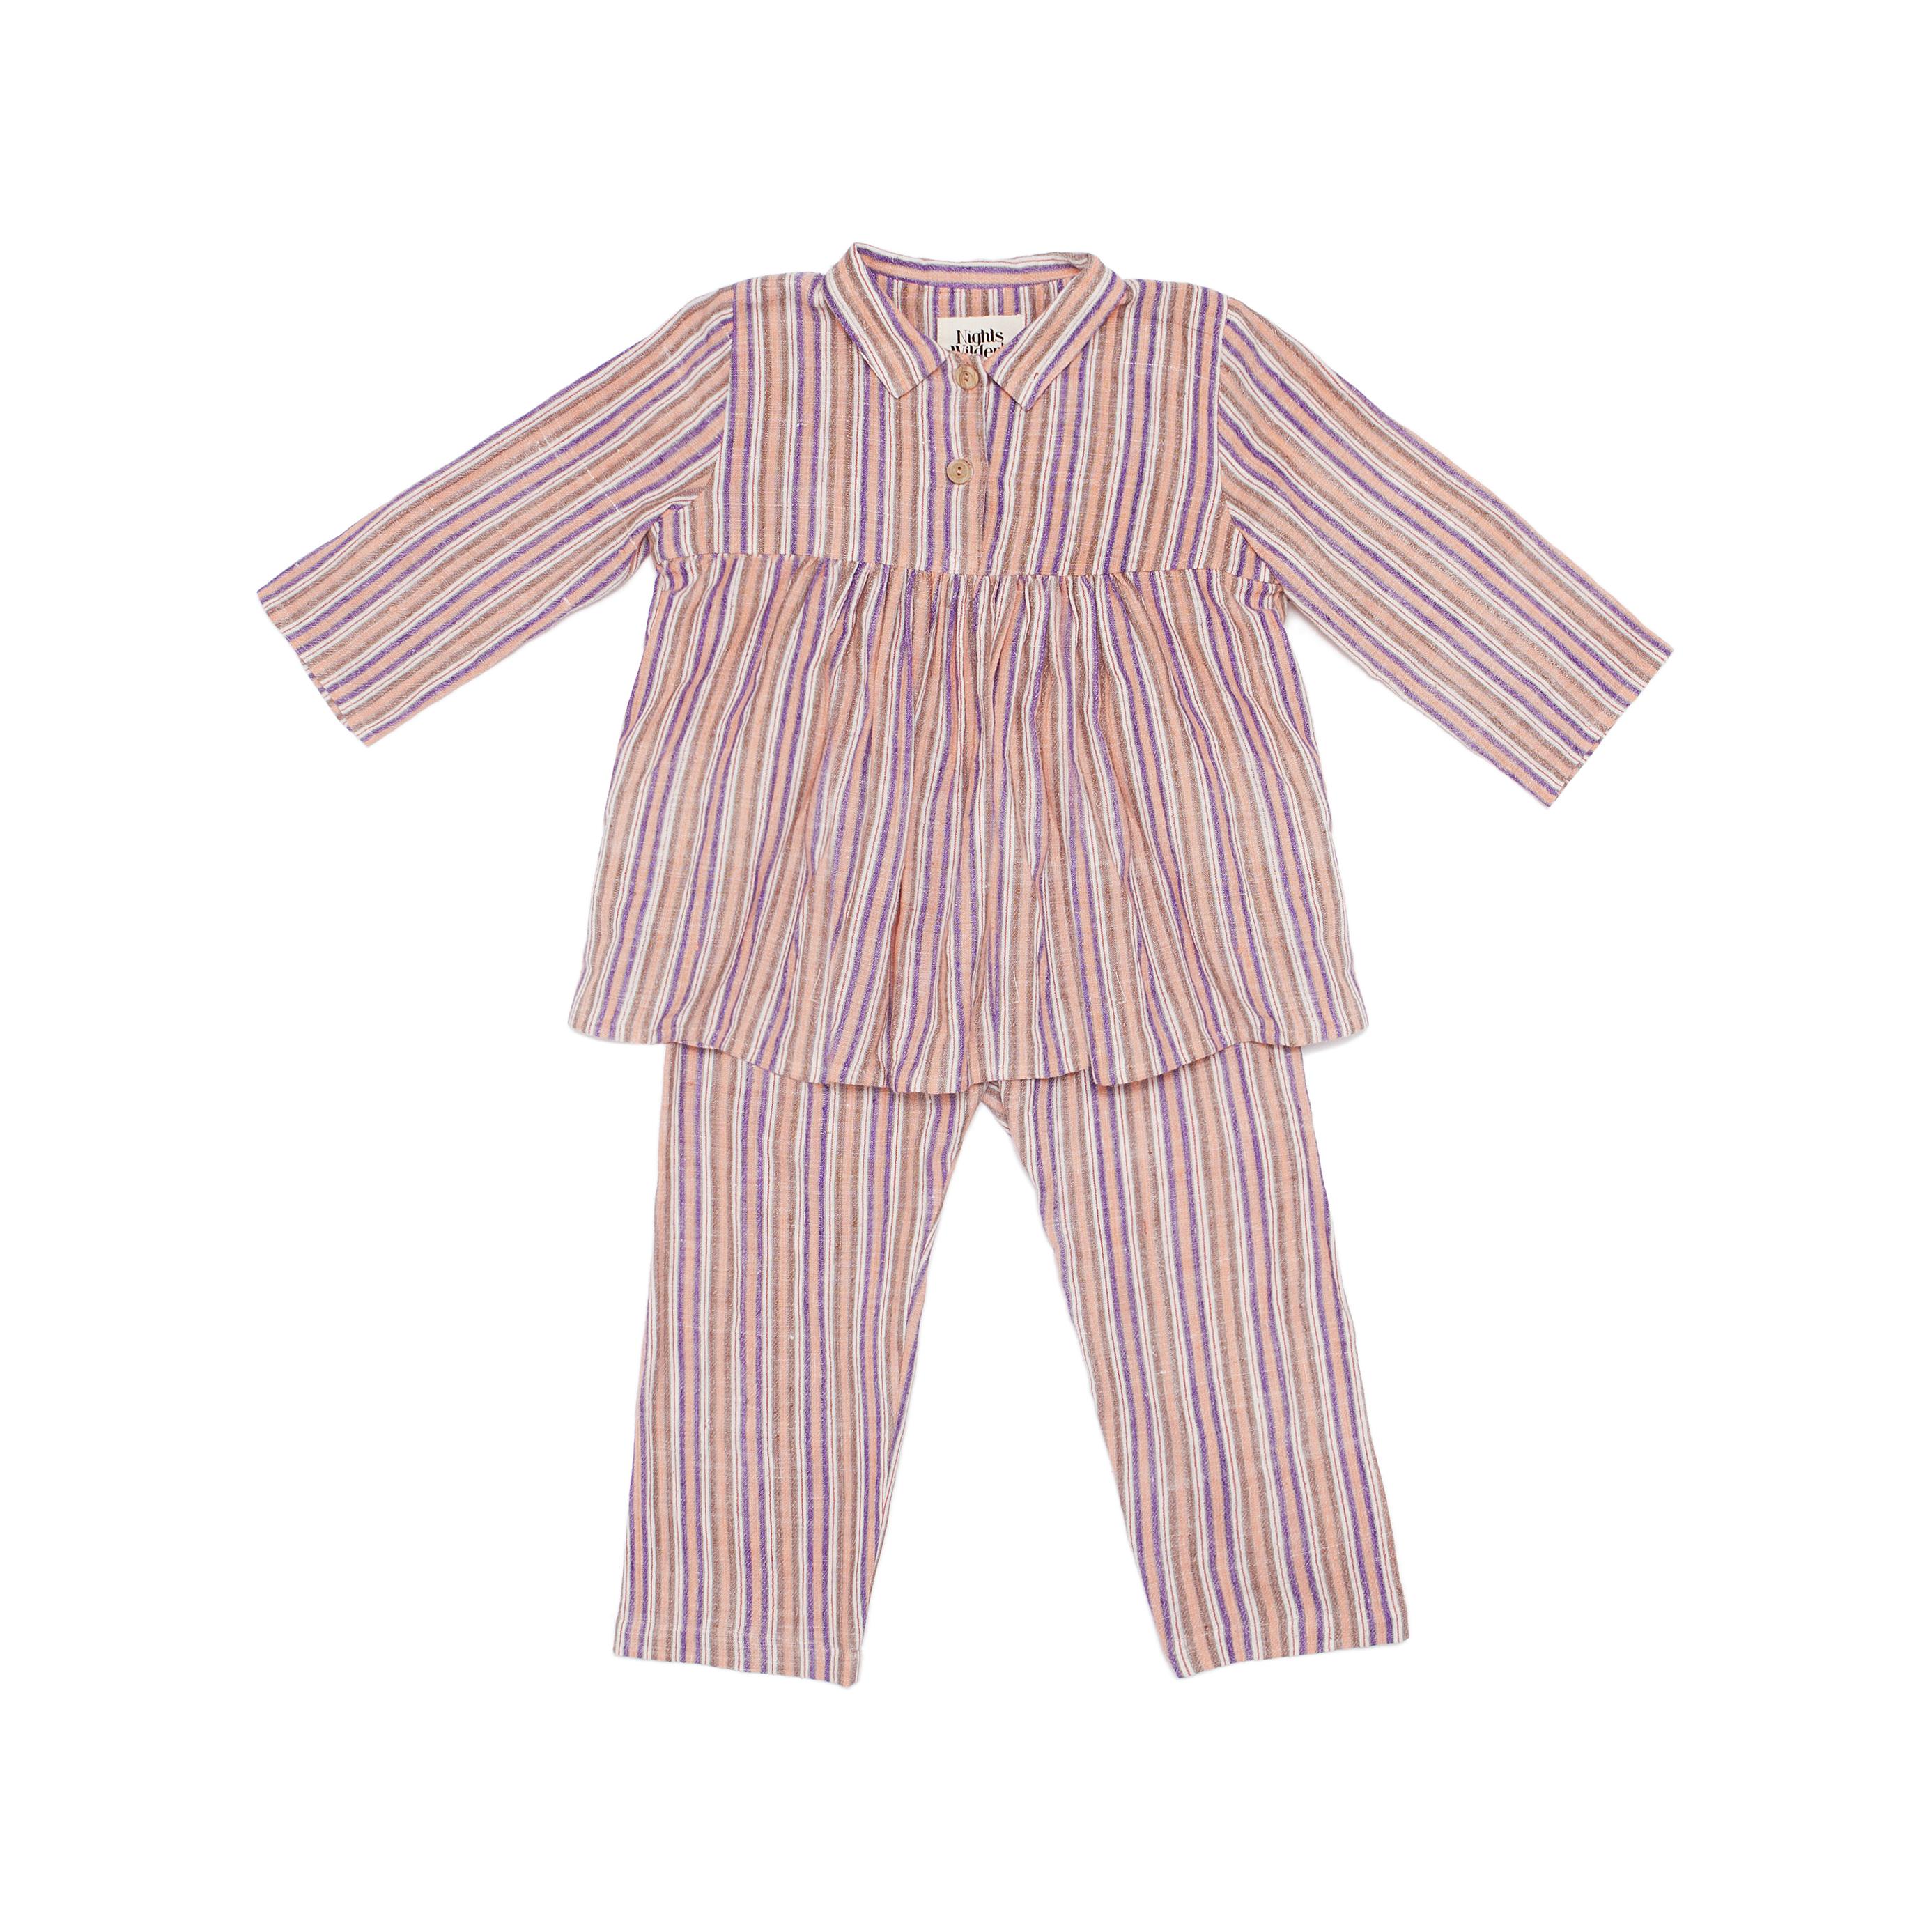 Pink striped pyjamas